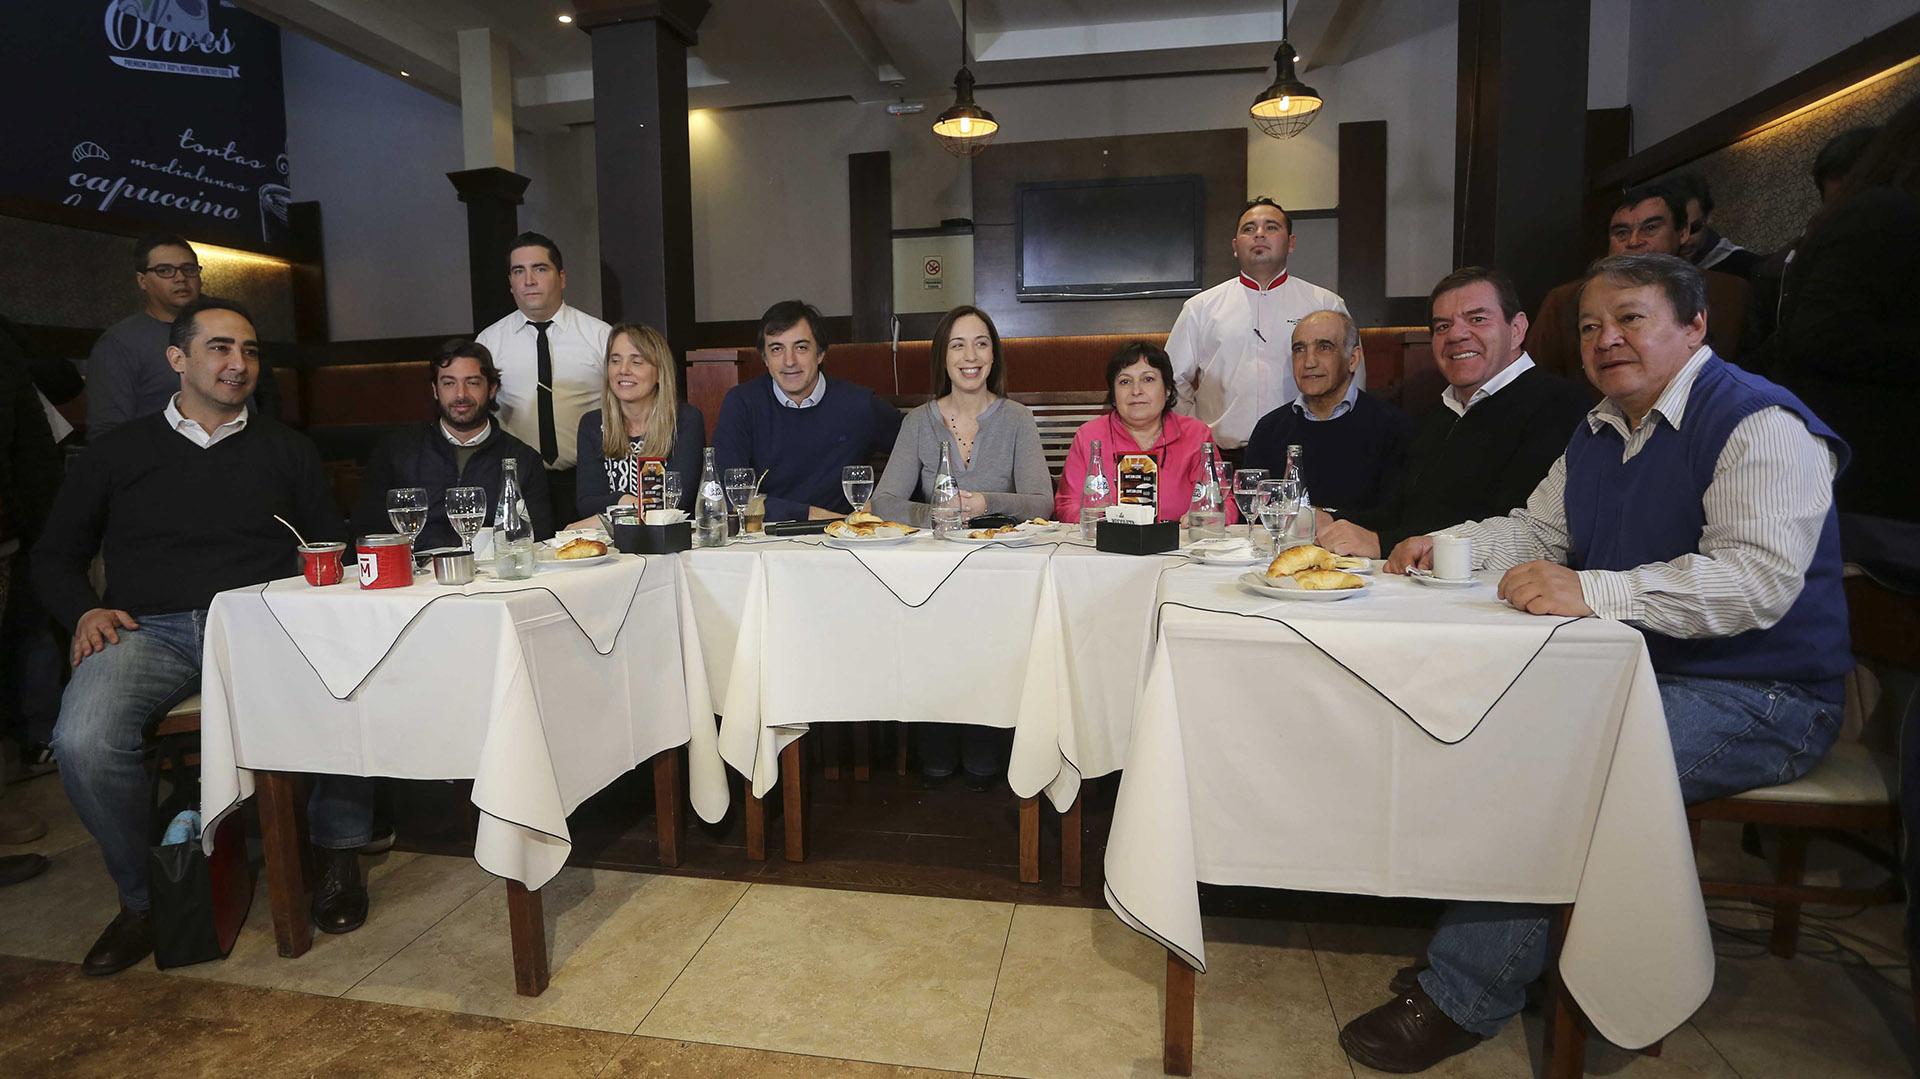 La gobernadora María Eugenia Vidal desayunó junto a los precandidatos de Cambiemos en la provincia de Buenos Aires